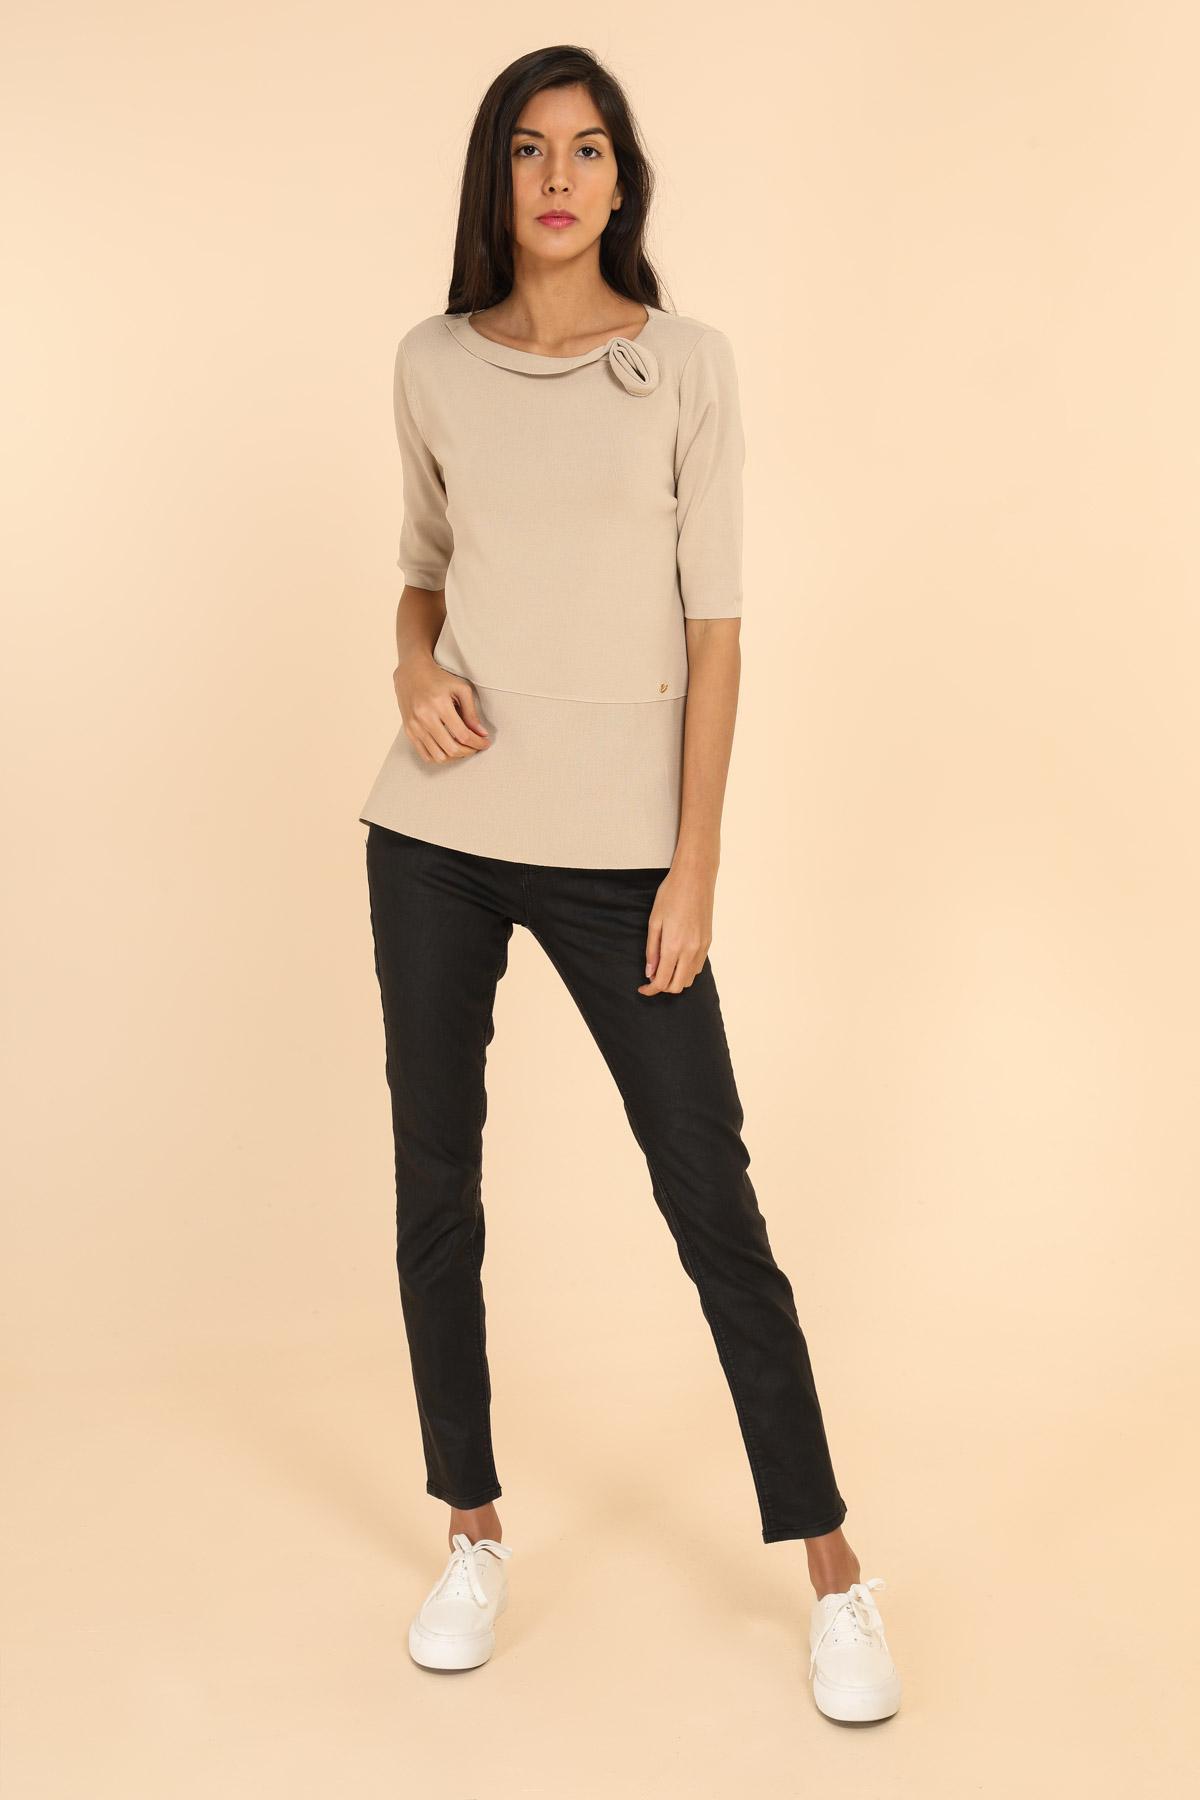 T-shirts Femme Couleurs mélangées Finery M19-863 #c eFashion Paris